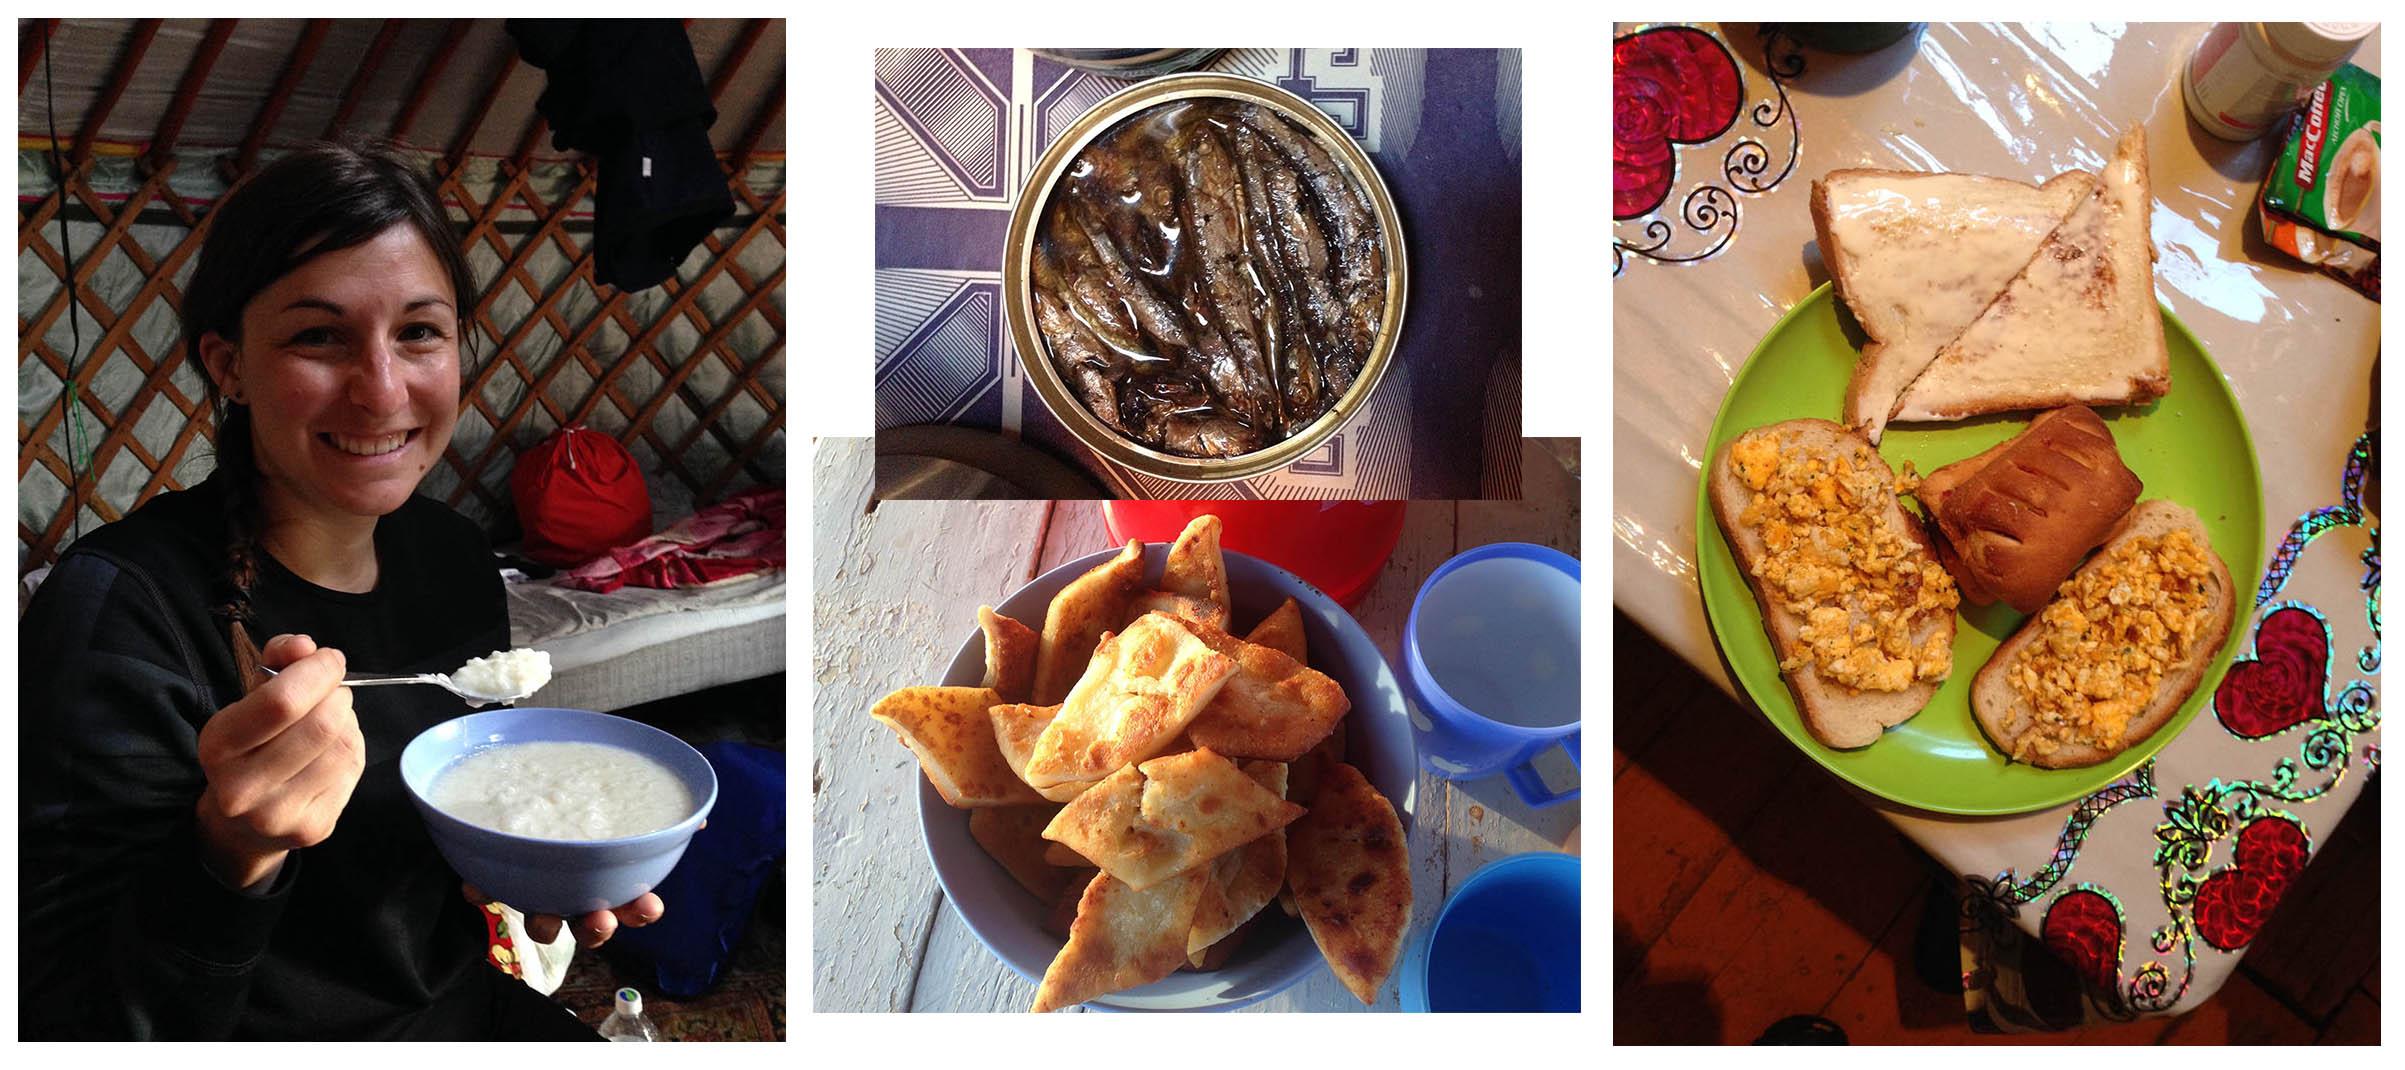 Cuisine en Mongolie - Petit déjeuner